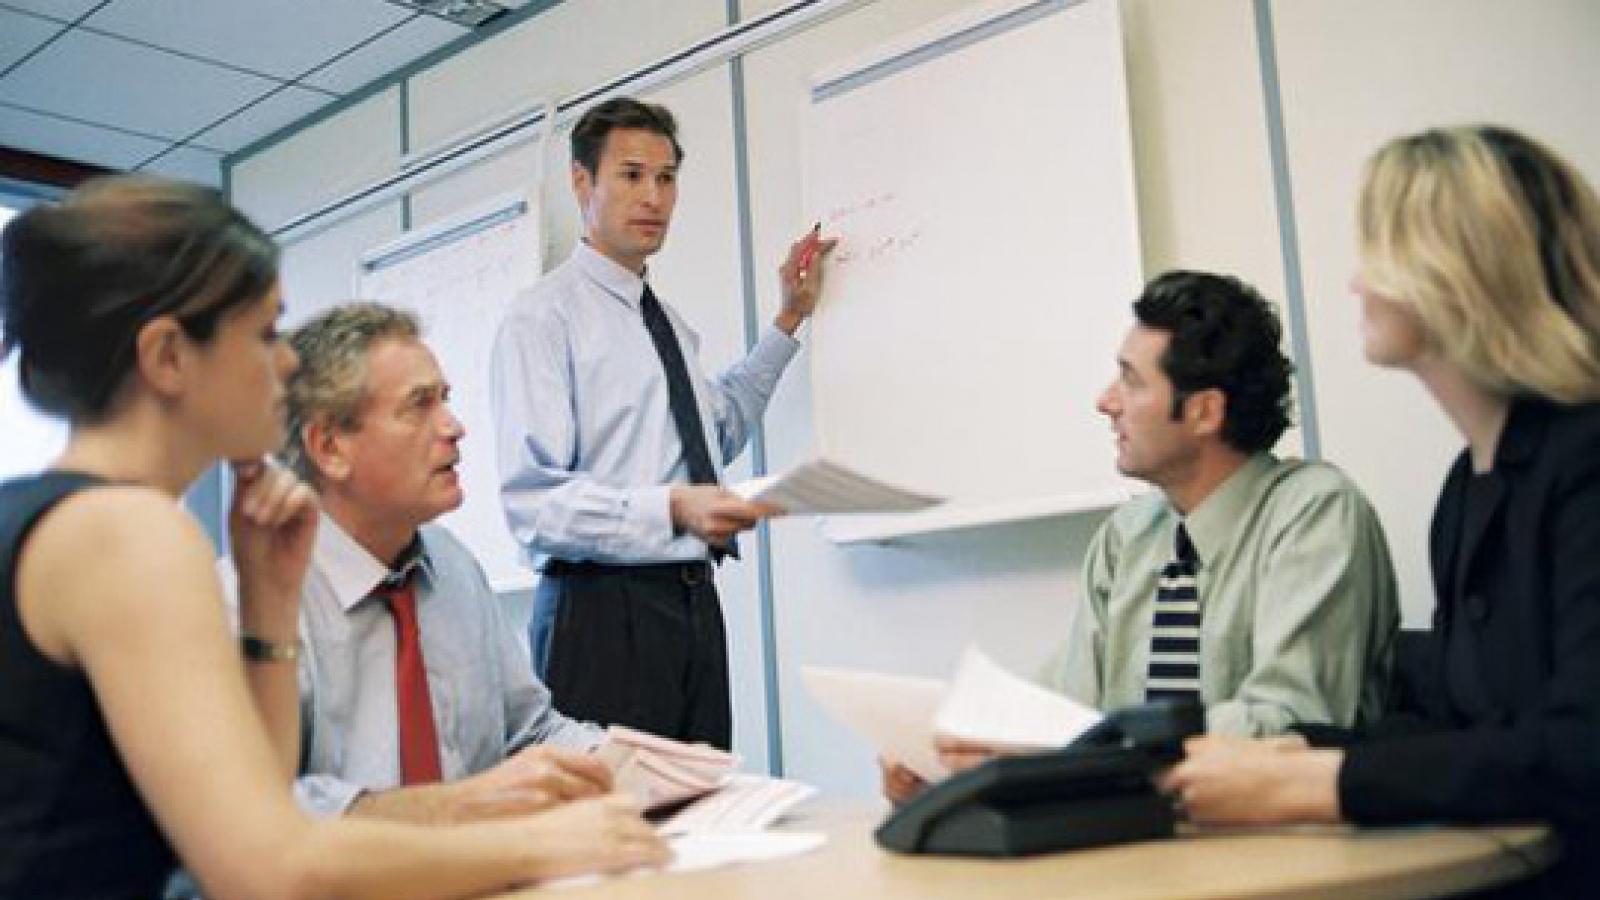 Thủ thuật tâm lý giúp tạo ấn tượng lâu dài với sếp